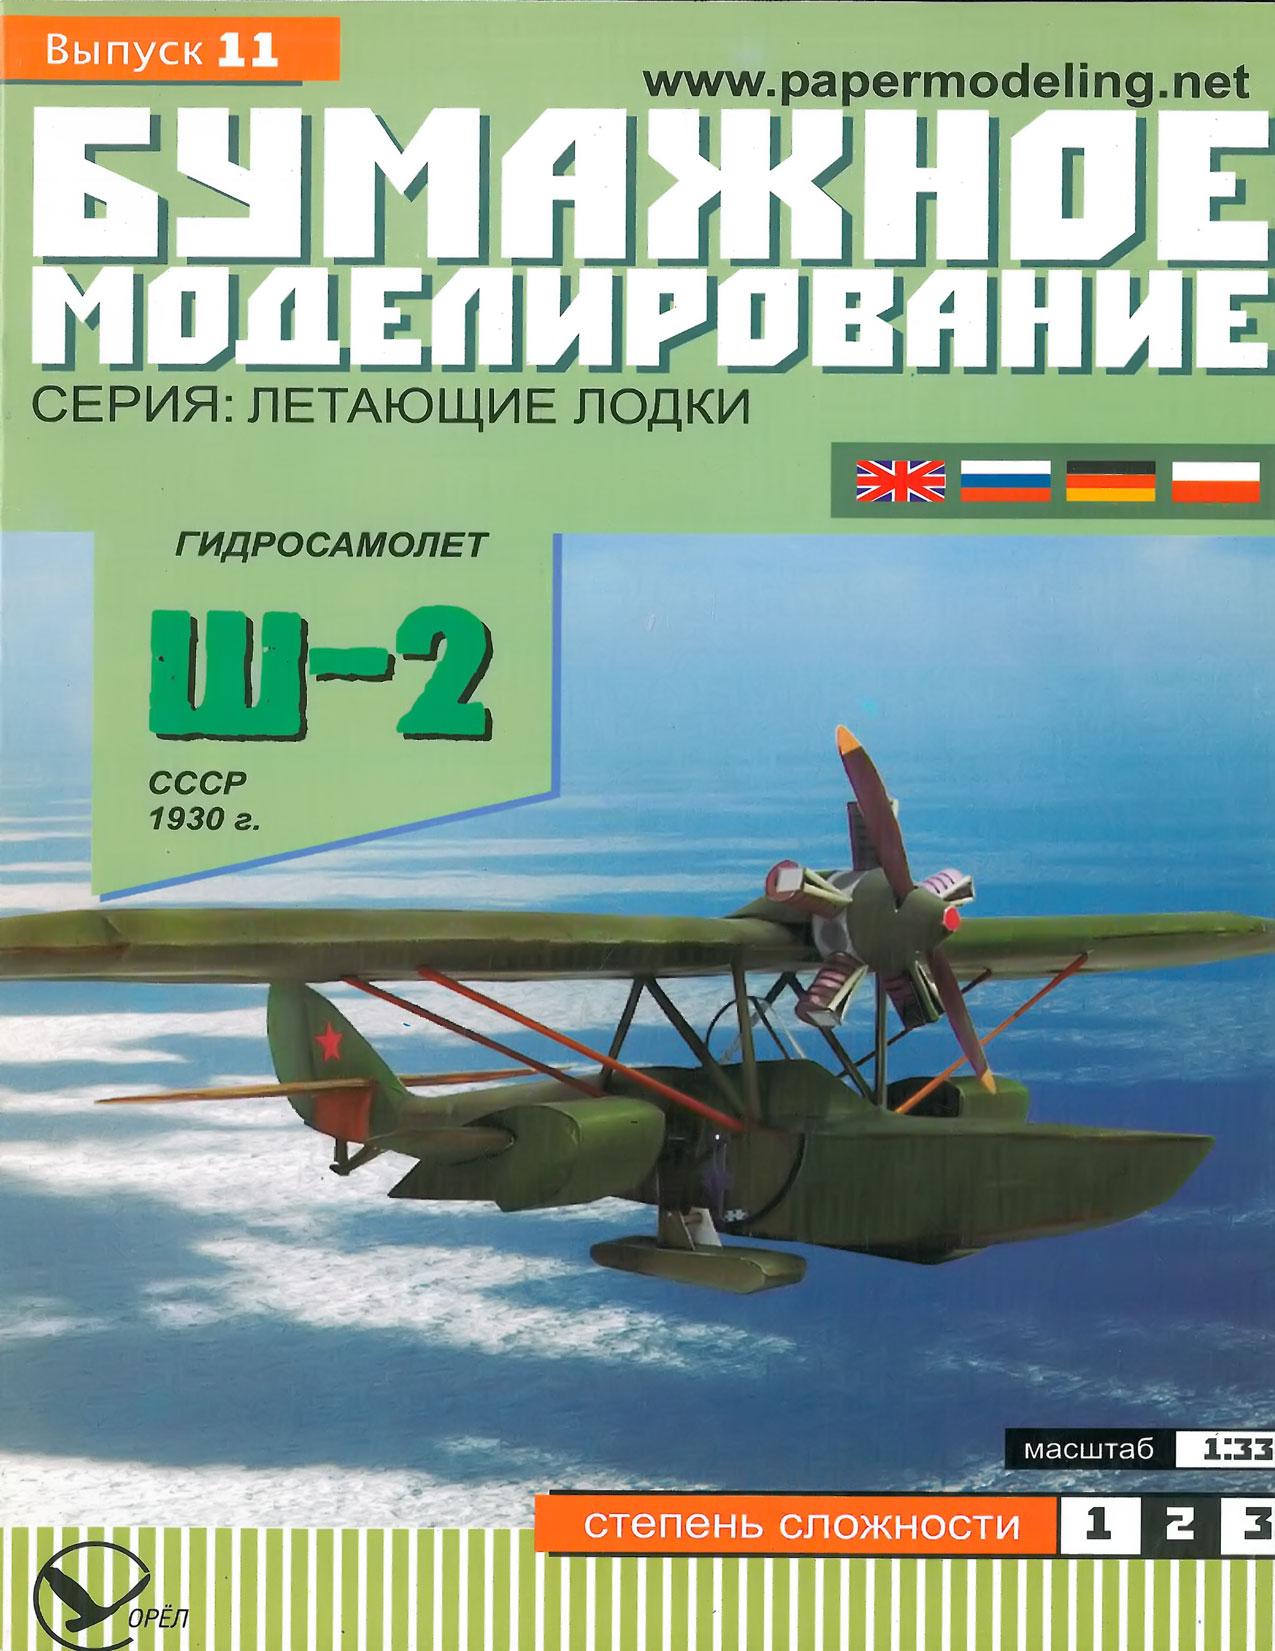 Гидросамолет Ш-2. СССР 1930 г. Бумажная модель, выпуск 11